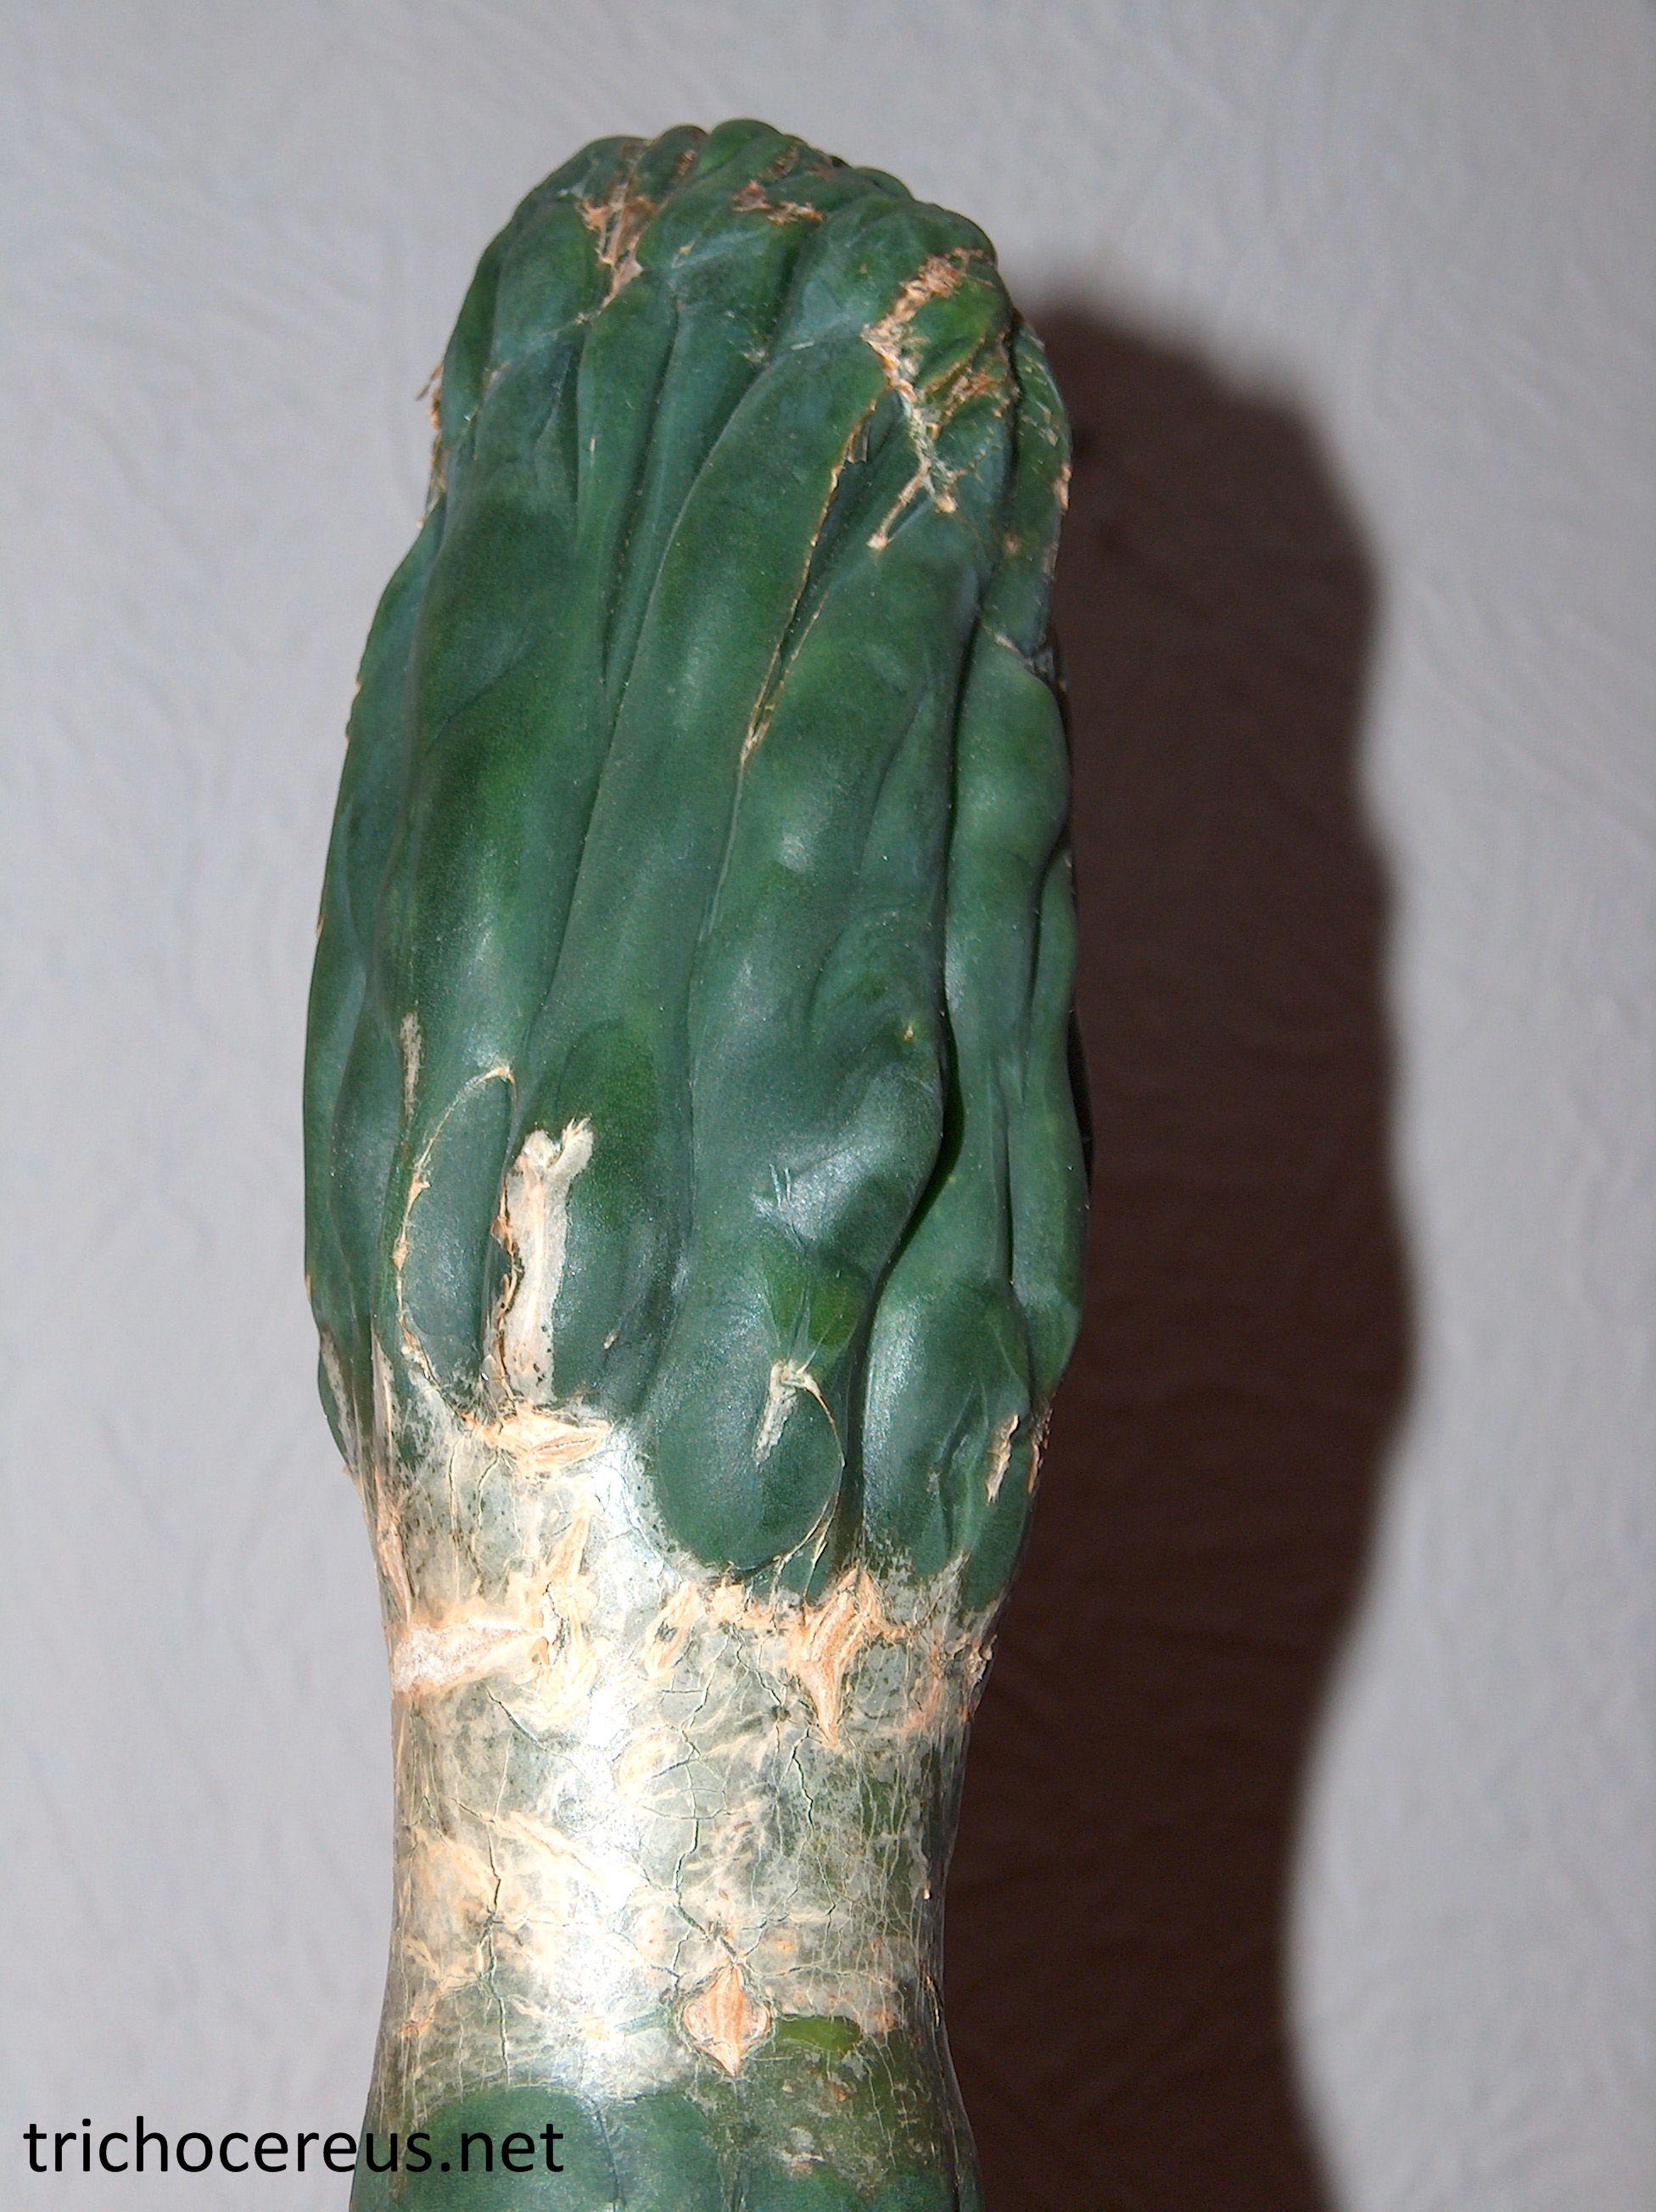 Trichocereus santiaguensis cristata monstrosa Echinopsis santiaguensis monstrose